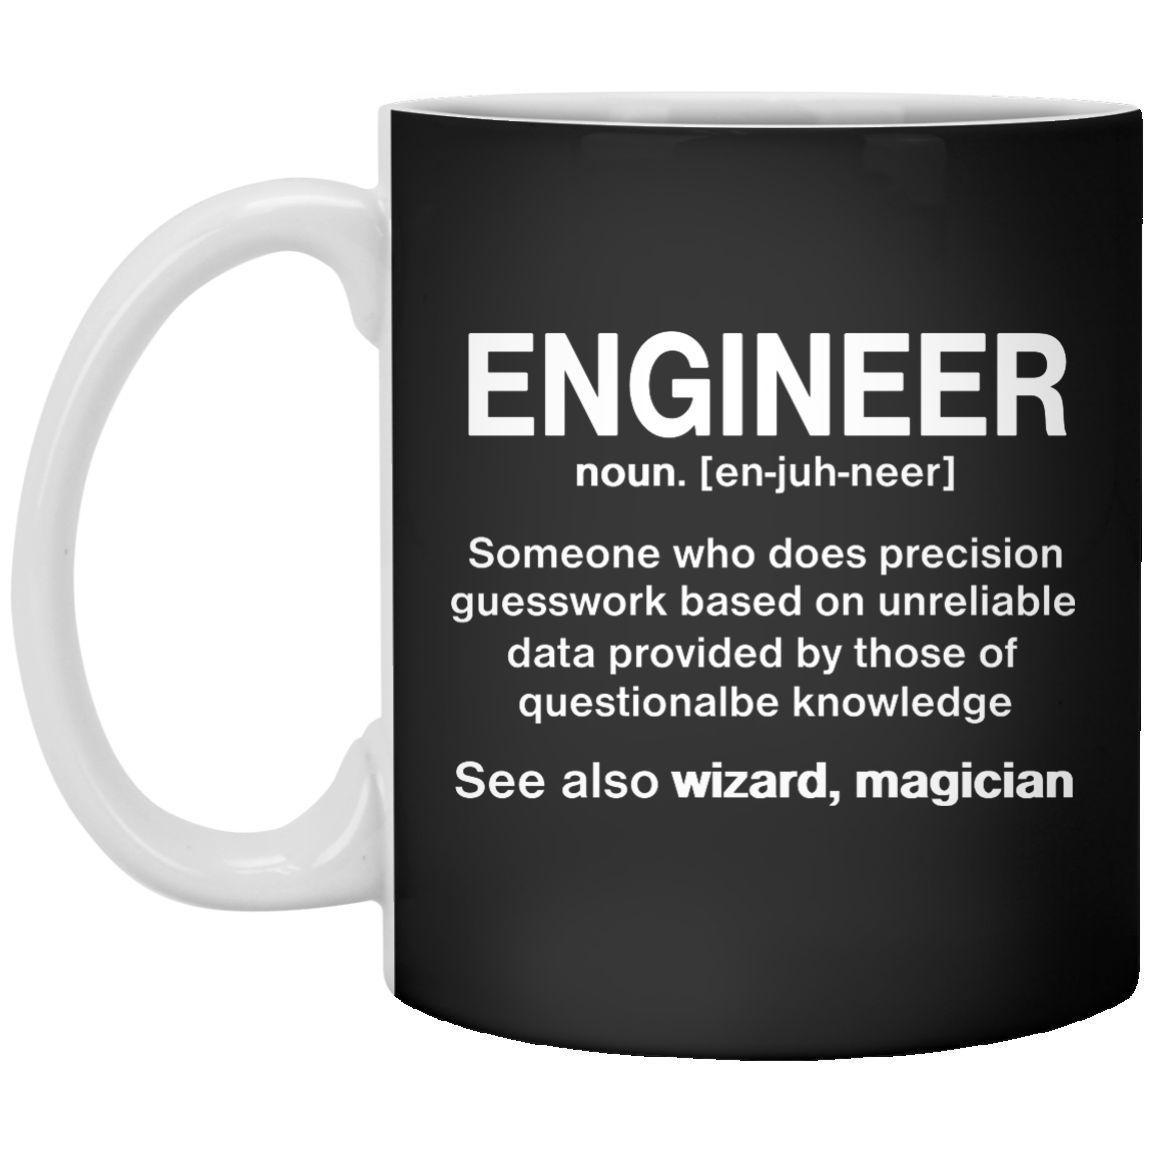 funny engineer meaning mug- engineer noun definition 11 oz. mug